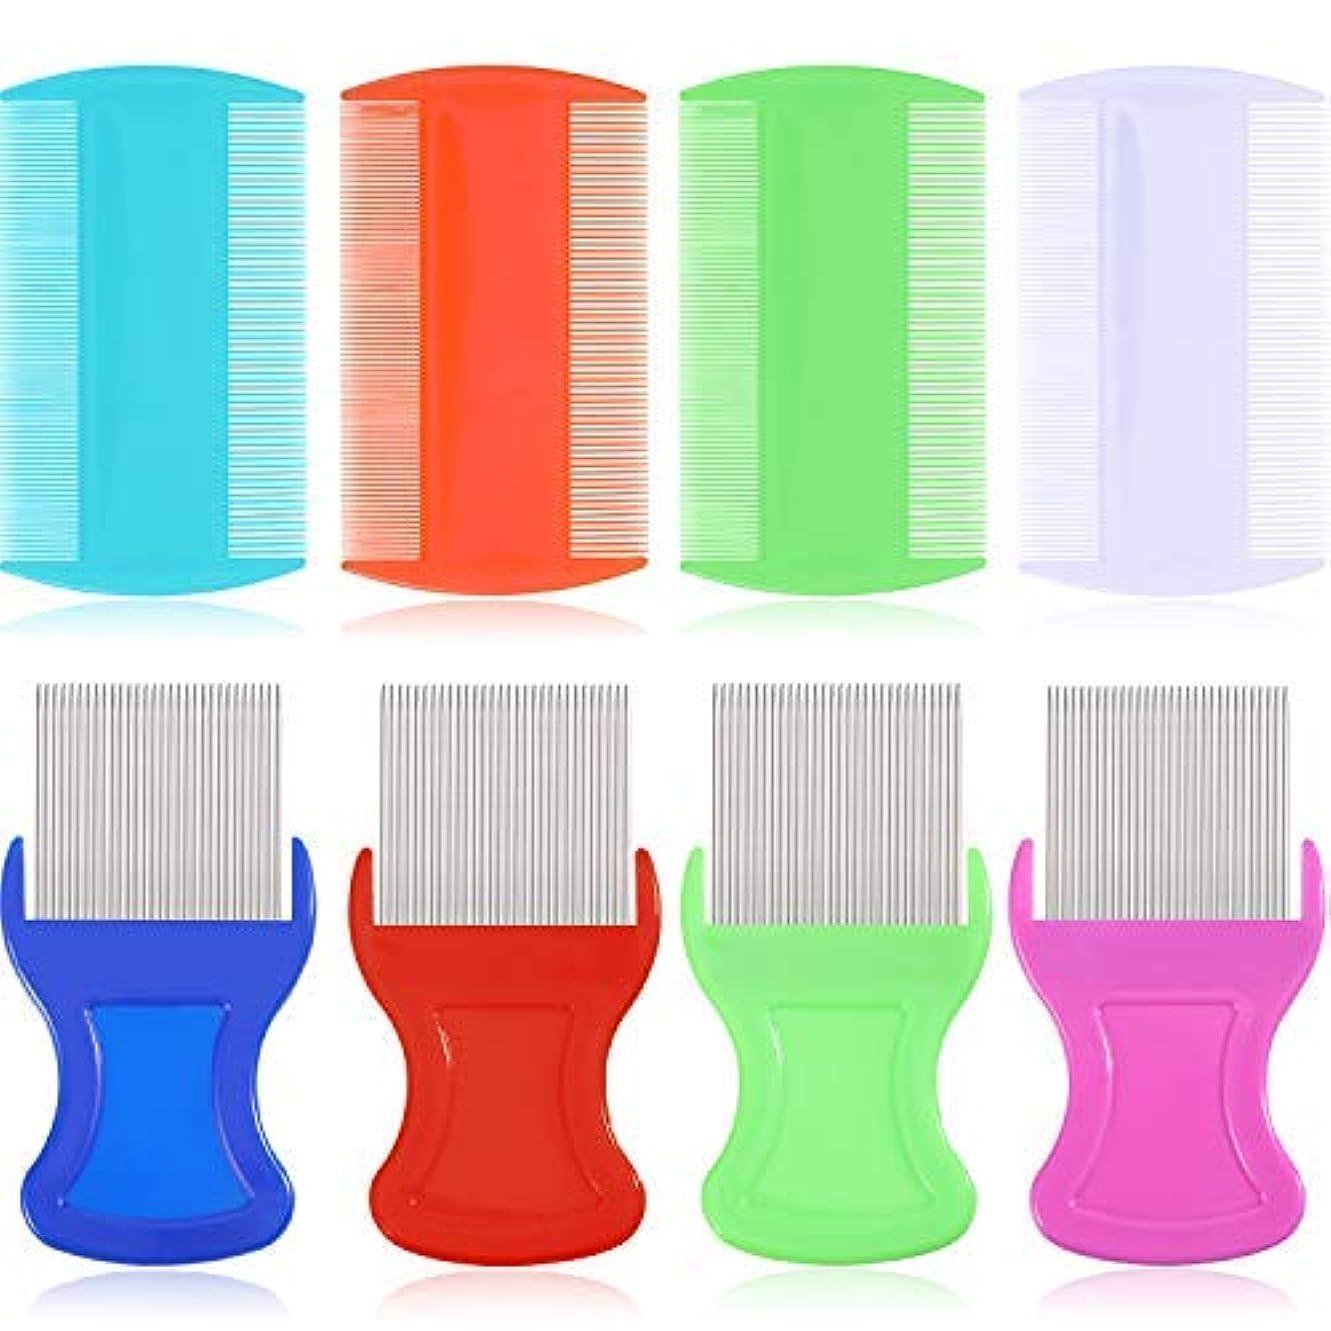 箱飛行場暗くする8 Pieces Flea Lice Comb Lice Removal Combs Include 4 Pieces Nit Remover with Metal Teeth and 4 Pieces Double Sided...